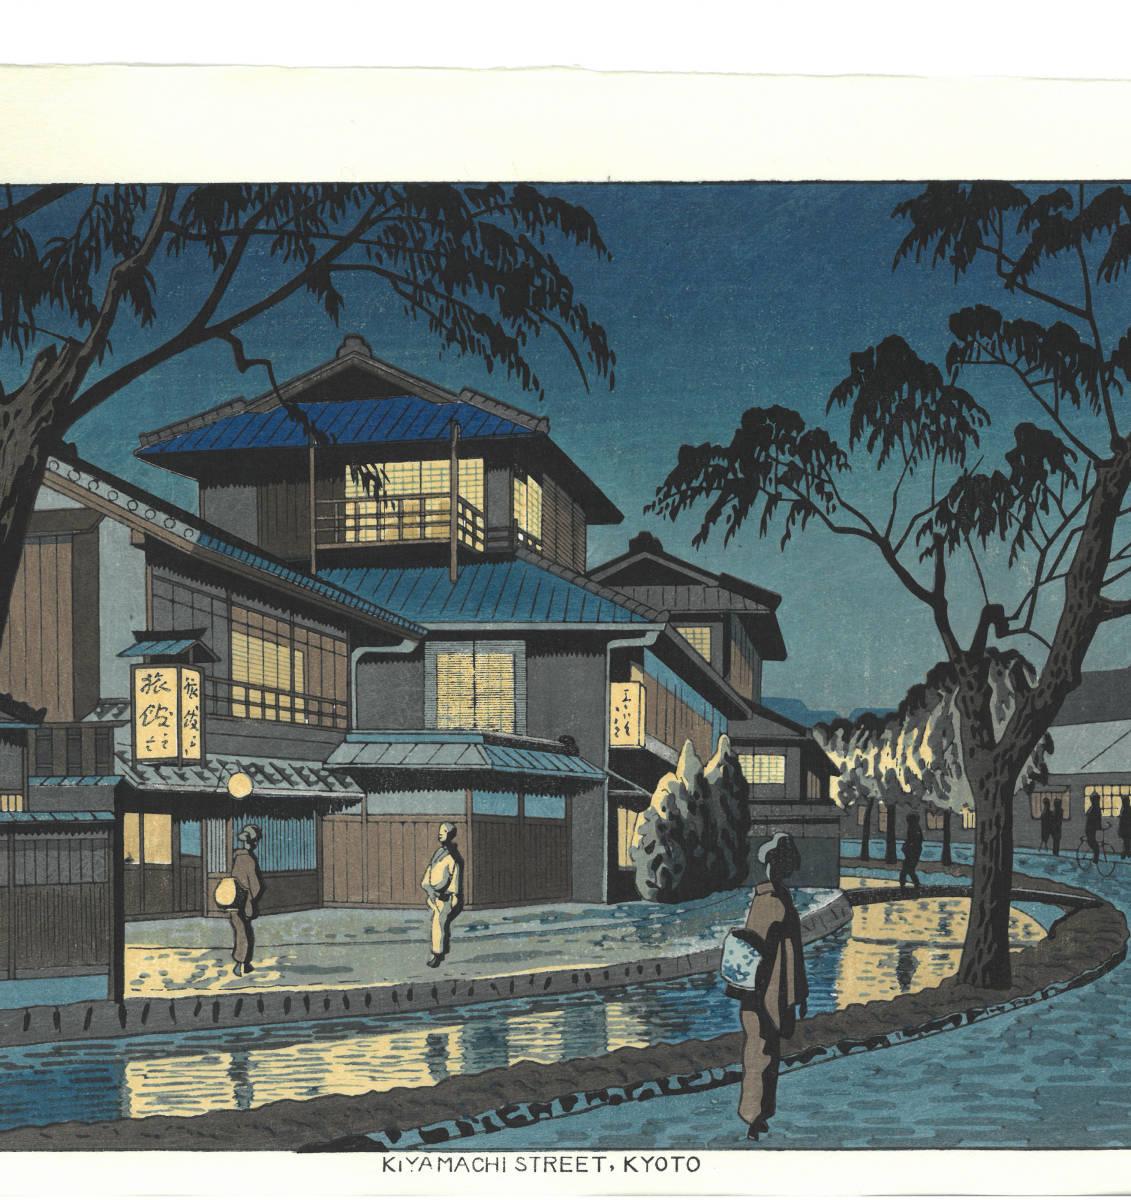 浅野竹二 (Asano Takeji) 木版画 TA18 木屋町 新版画 初版昭和20年頃 京都の一流の摺師の技をご堪能下さい!!_画像4